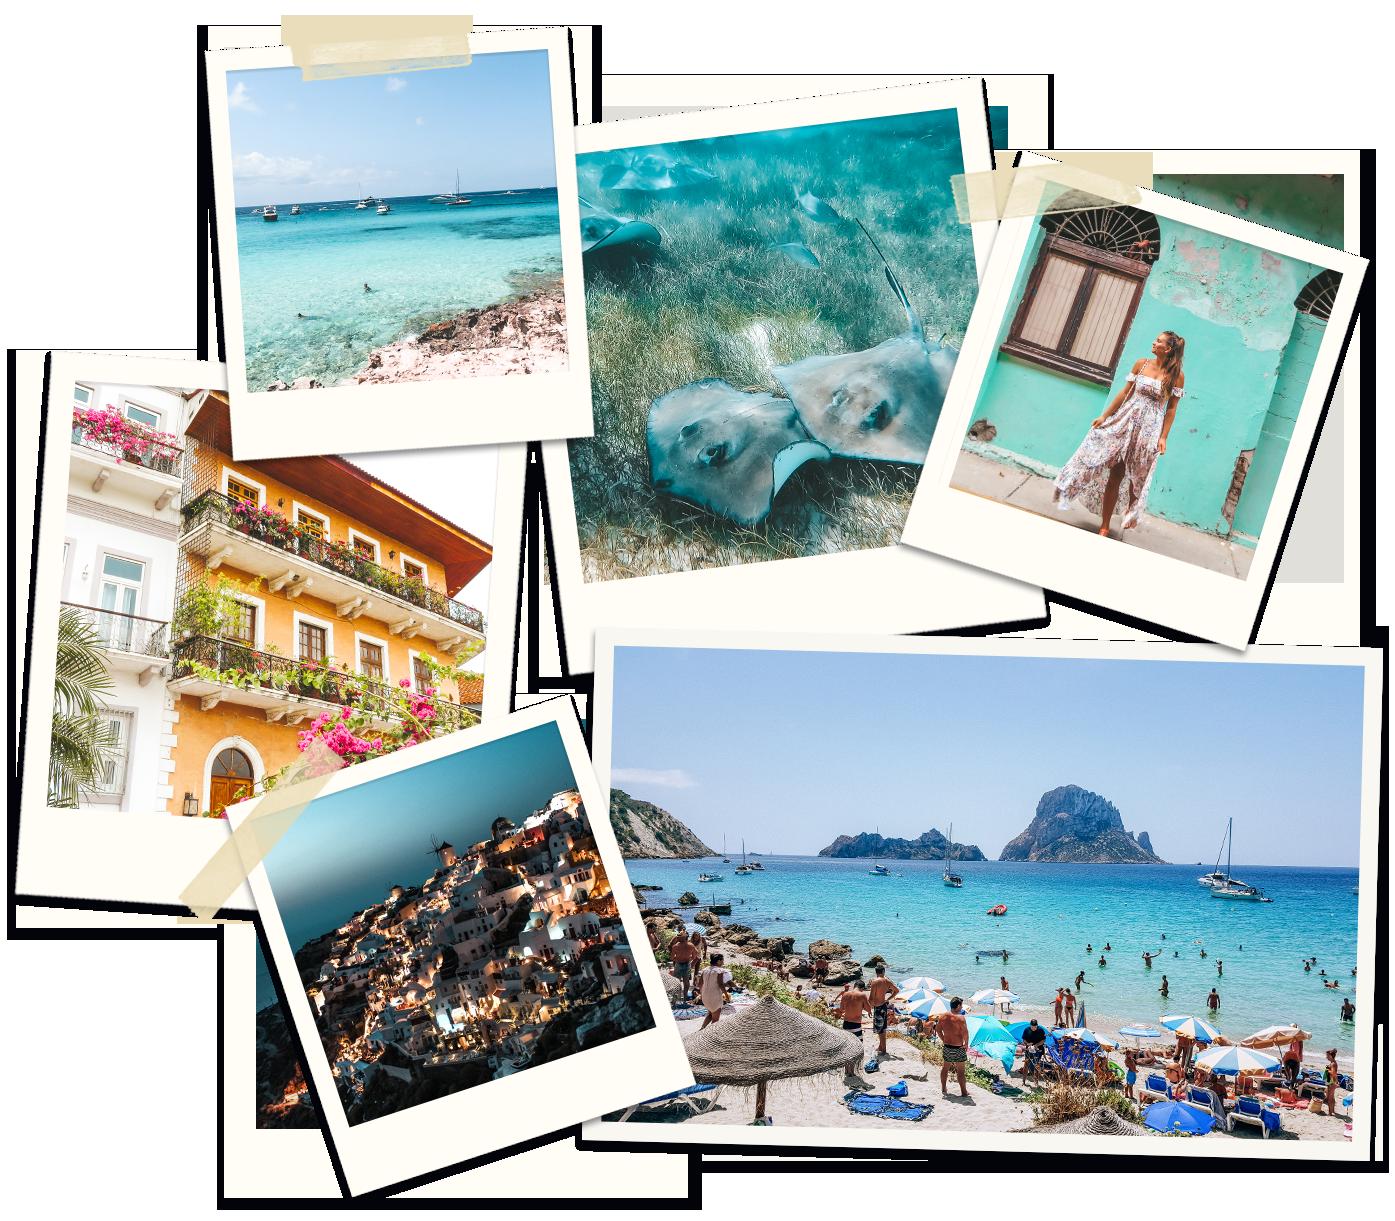 Ninifeh Reiseblog Reisen weltweit